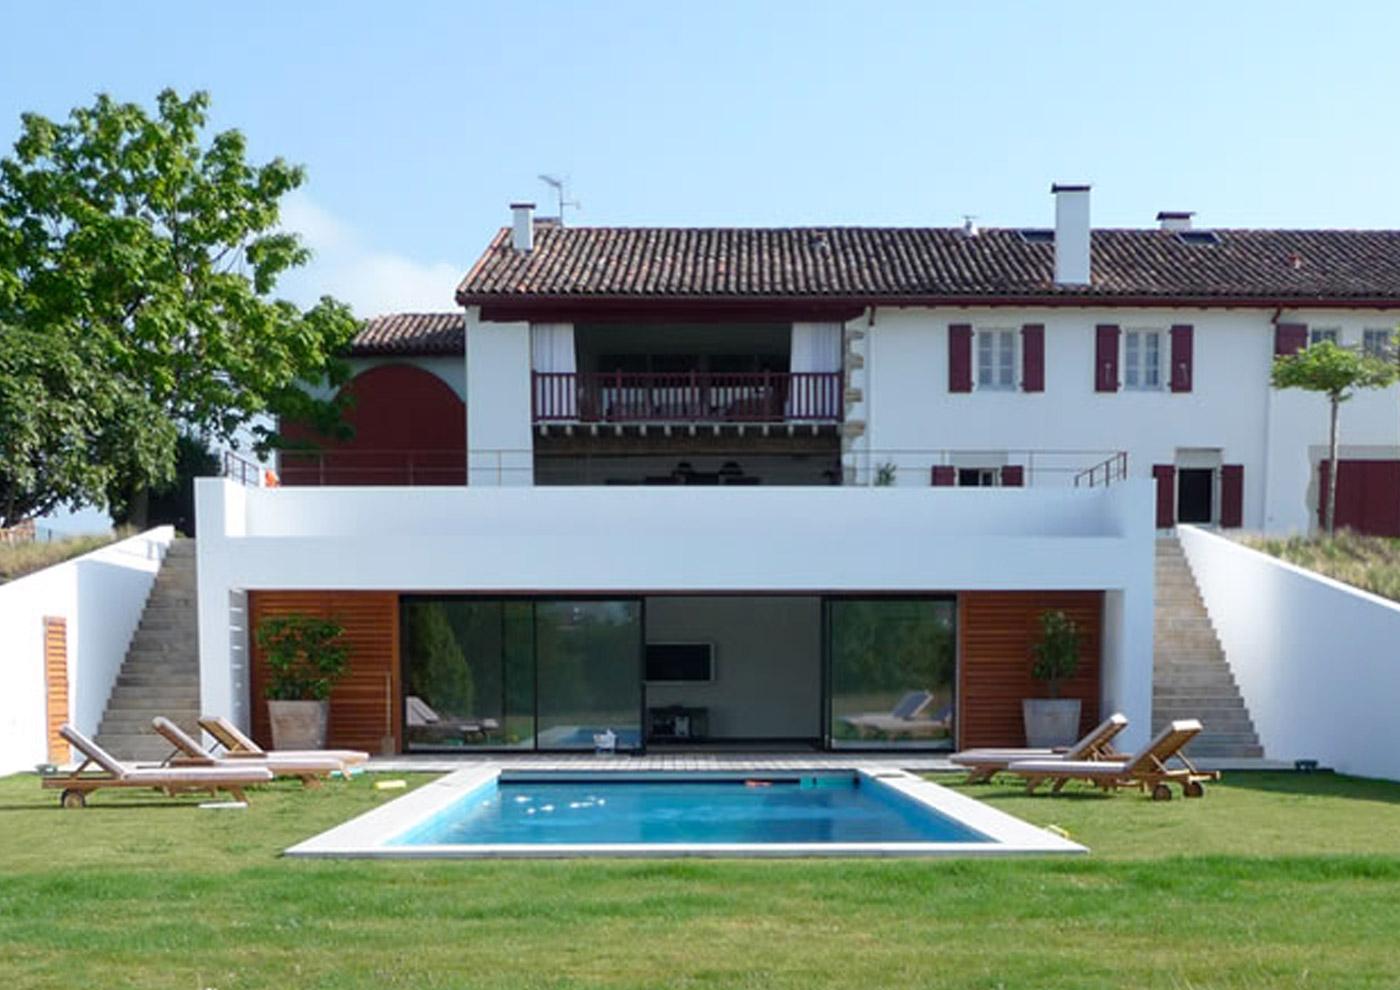 Alaman Architectes Renovation Ahetze - Construction Pays Basque, architecture contemporaine